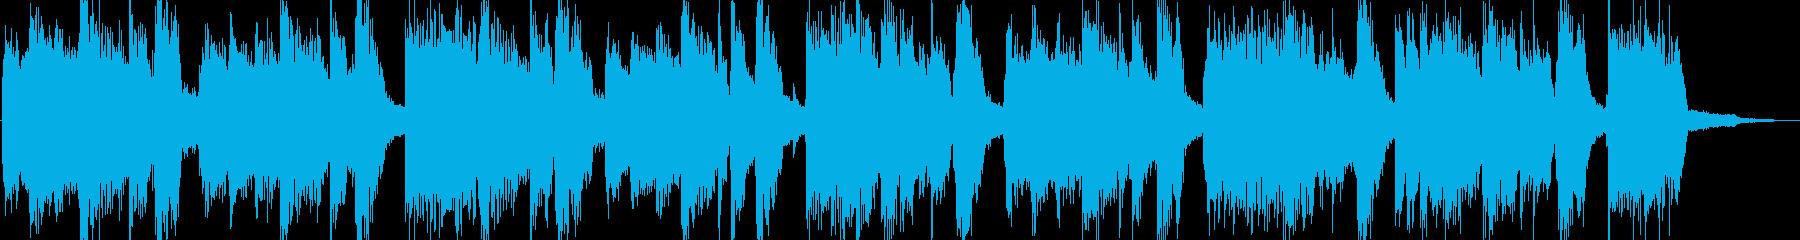 特徴的なリズムのロックジングルの再生済みの波形